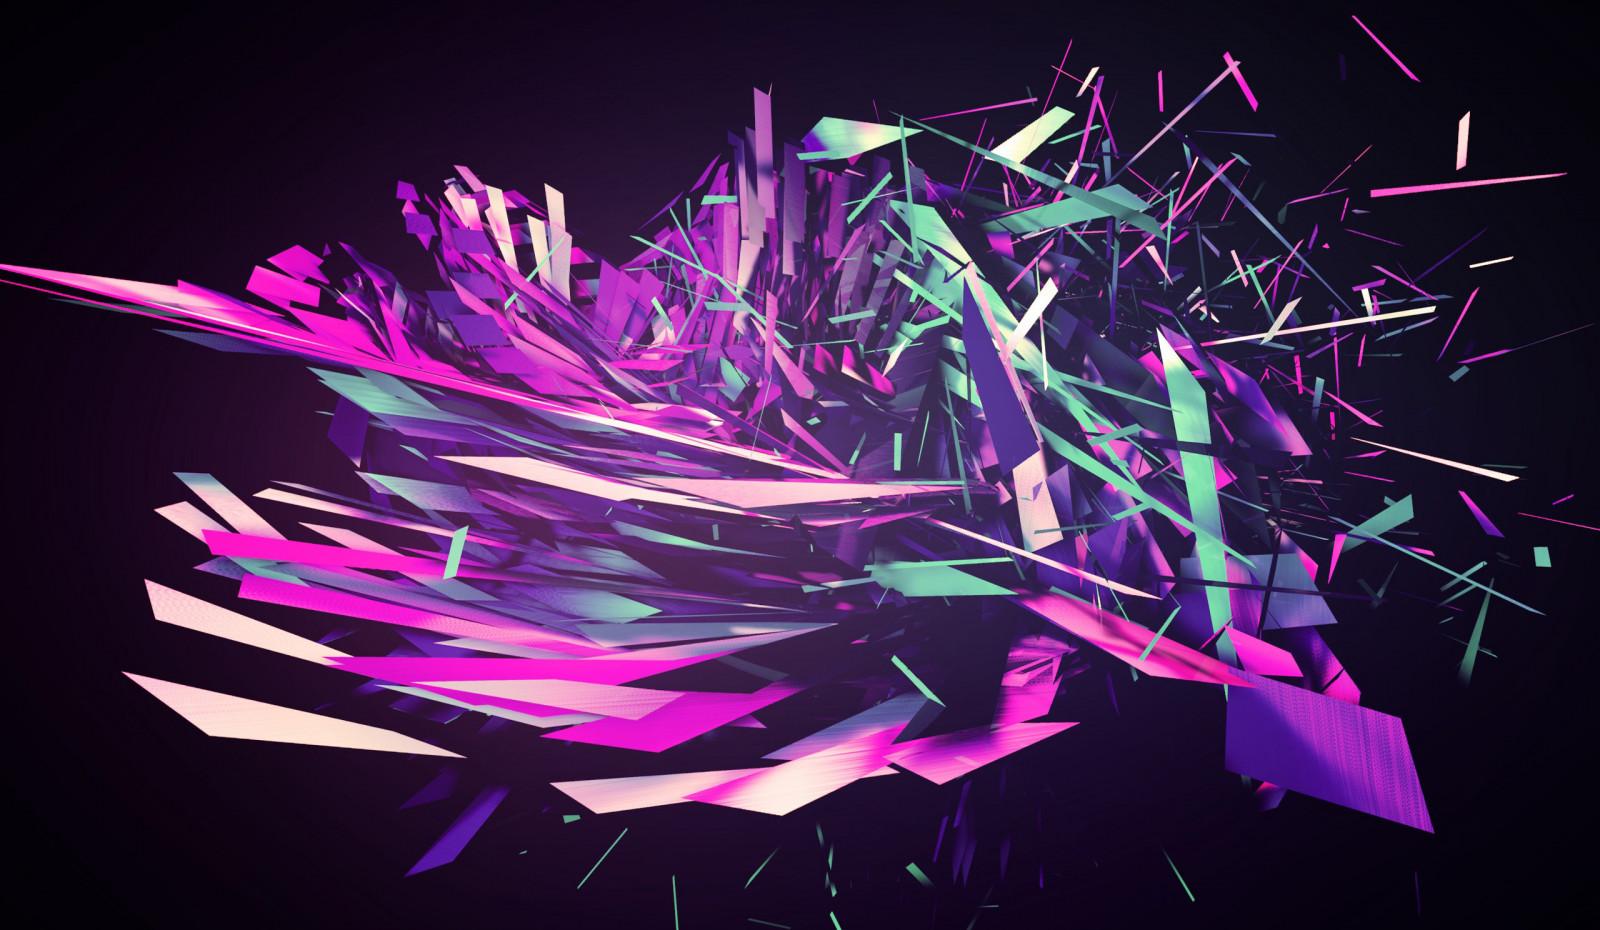 Fondos De Pantalla : Púrpura, Violeta, Diseño Gráfico